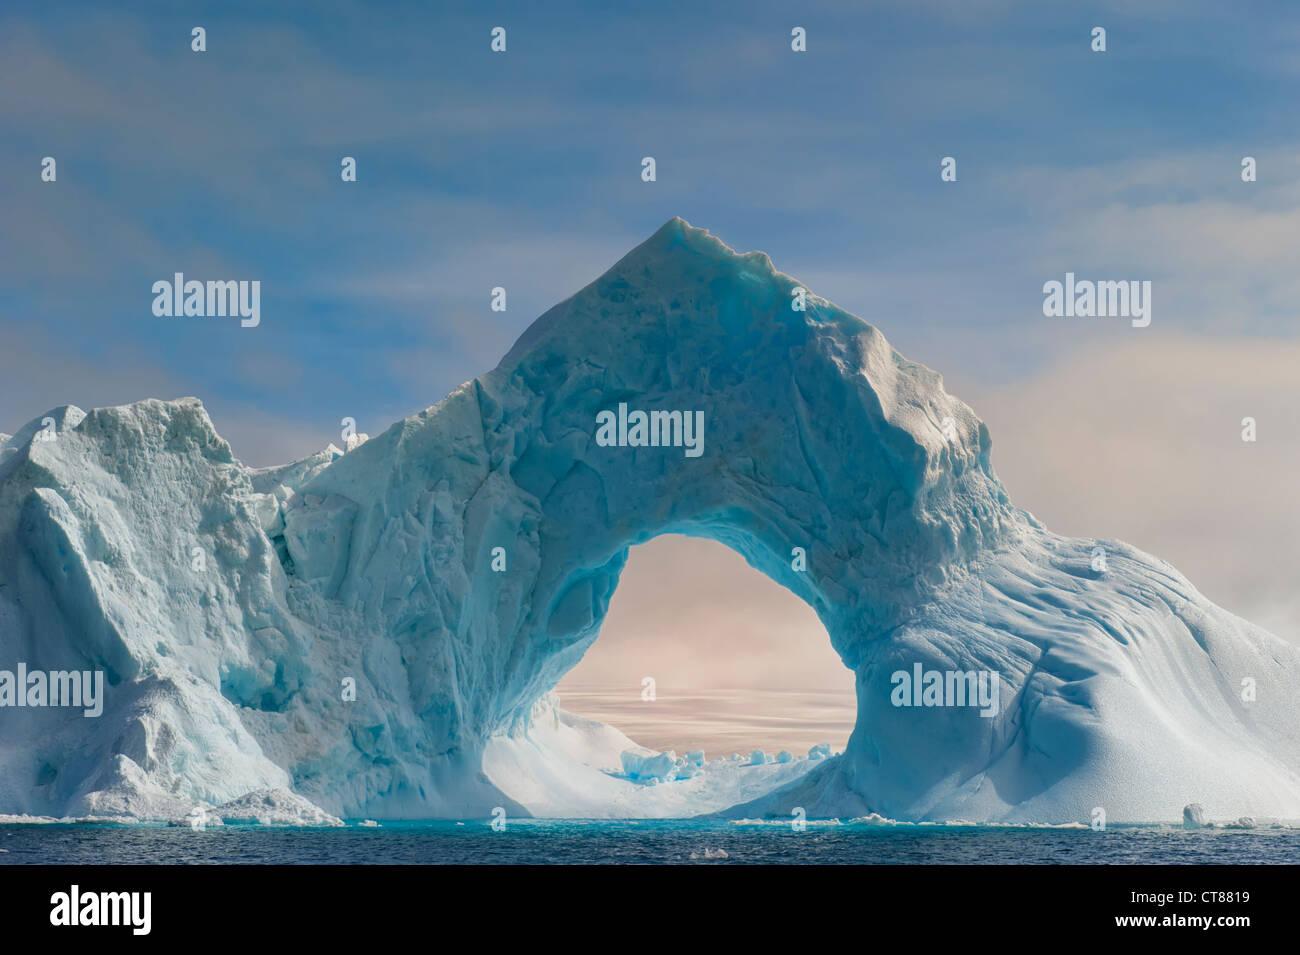 Cava-de-naturais esculpidas em um iceberg, som, Península Antártida Antártida Imagens de Stock